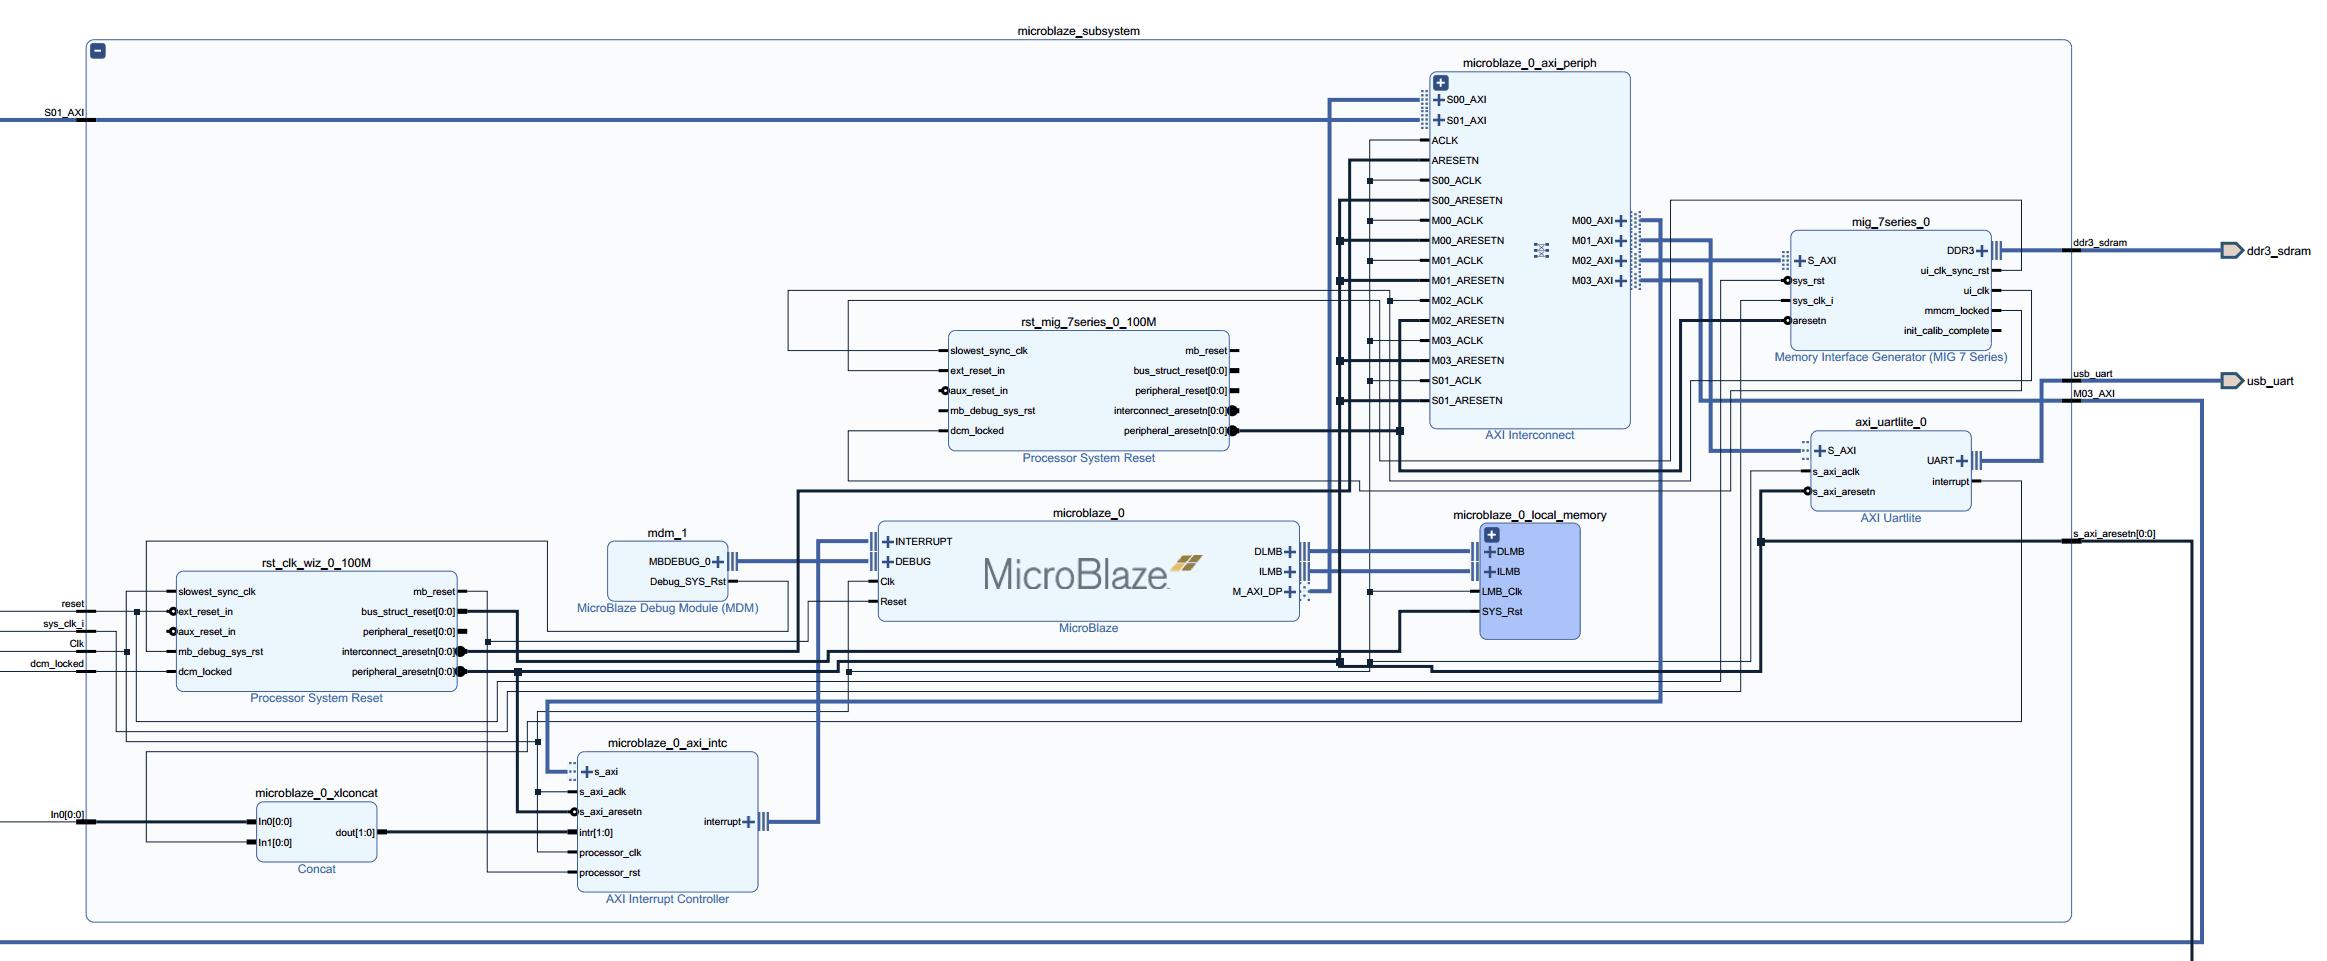 Simple HDMI + VGA Framebuffer Design Example on Neso Artix 7 FPGA